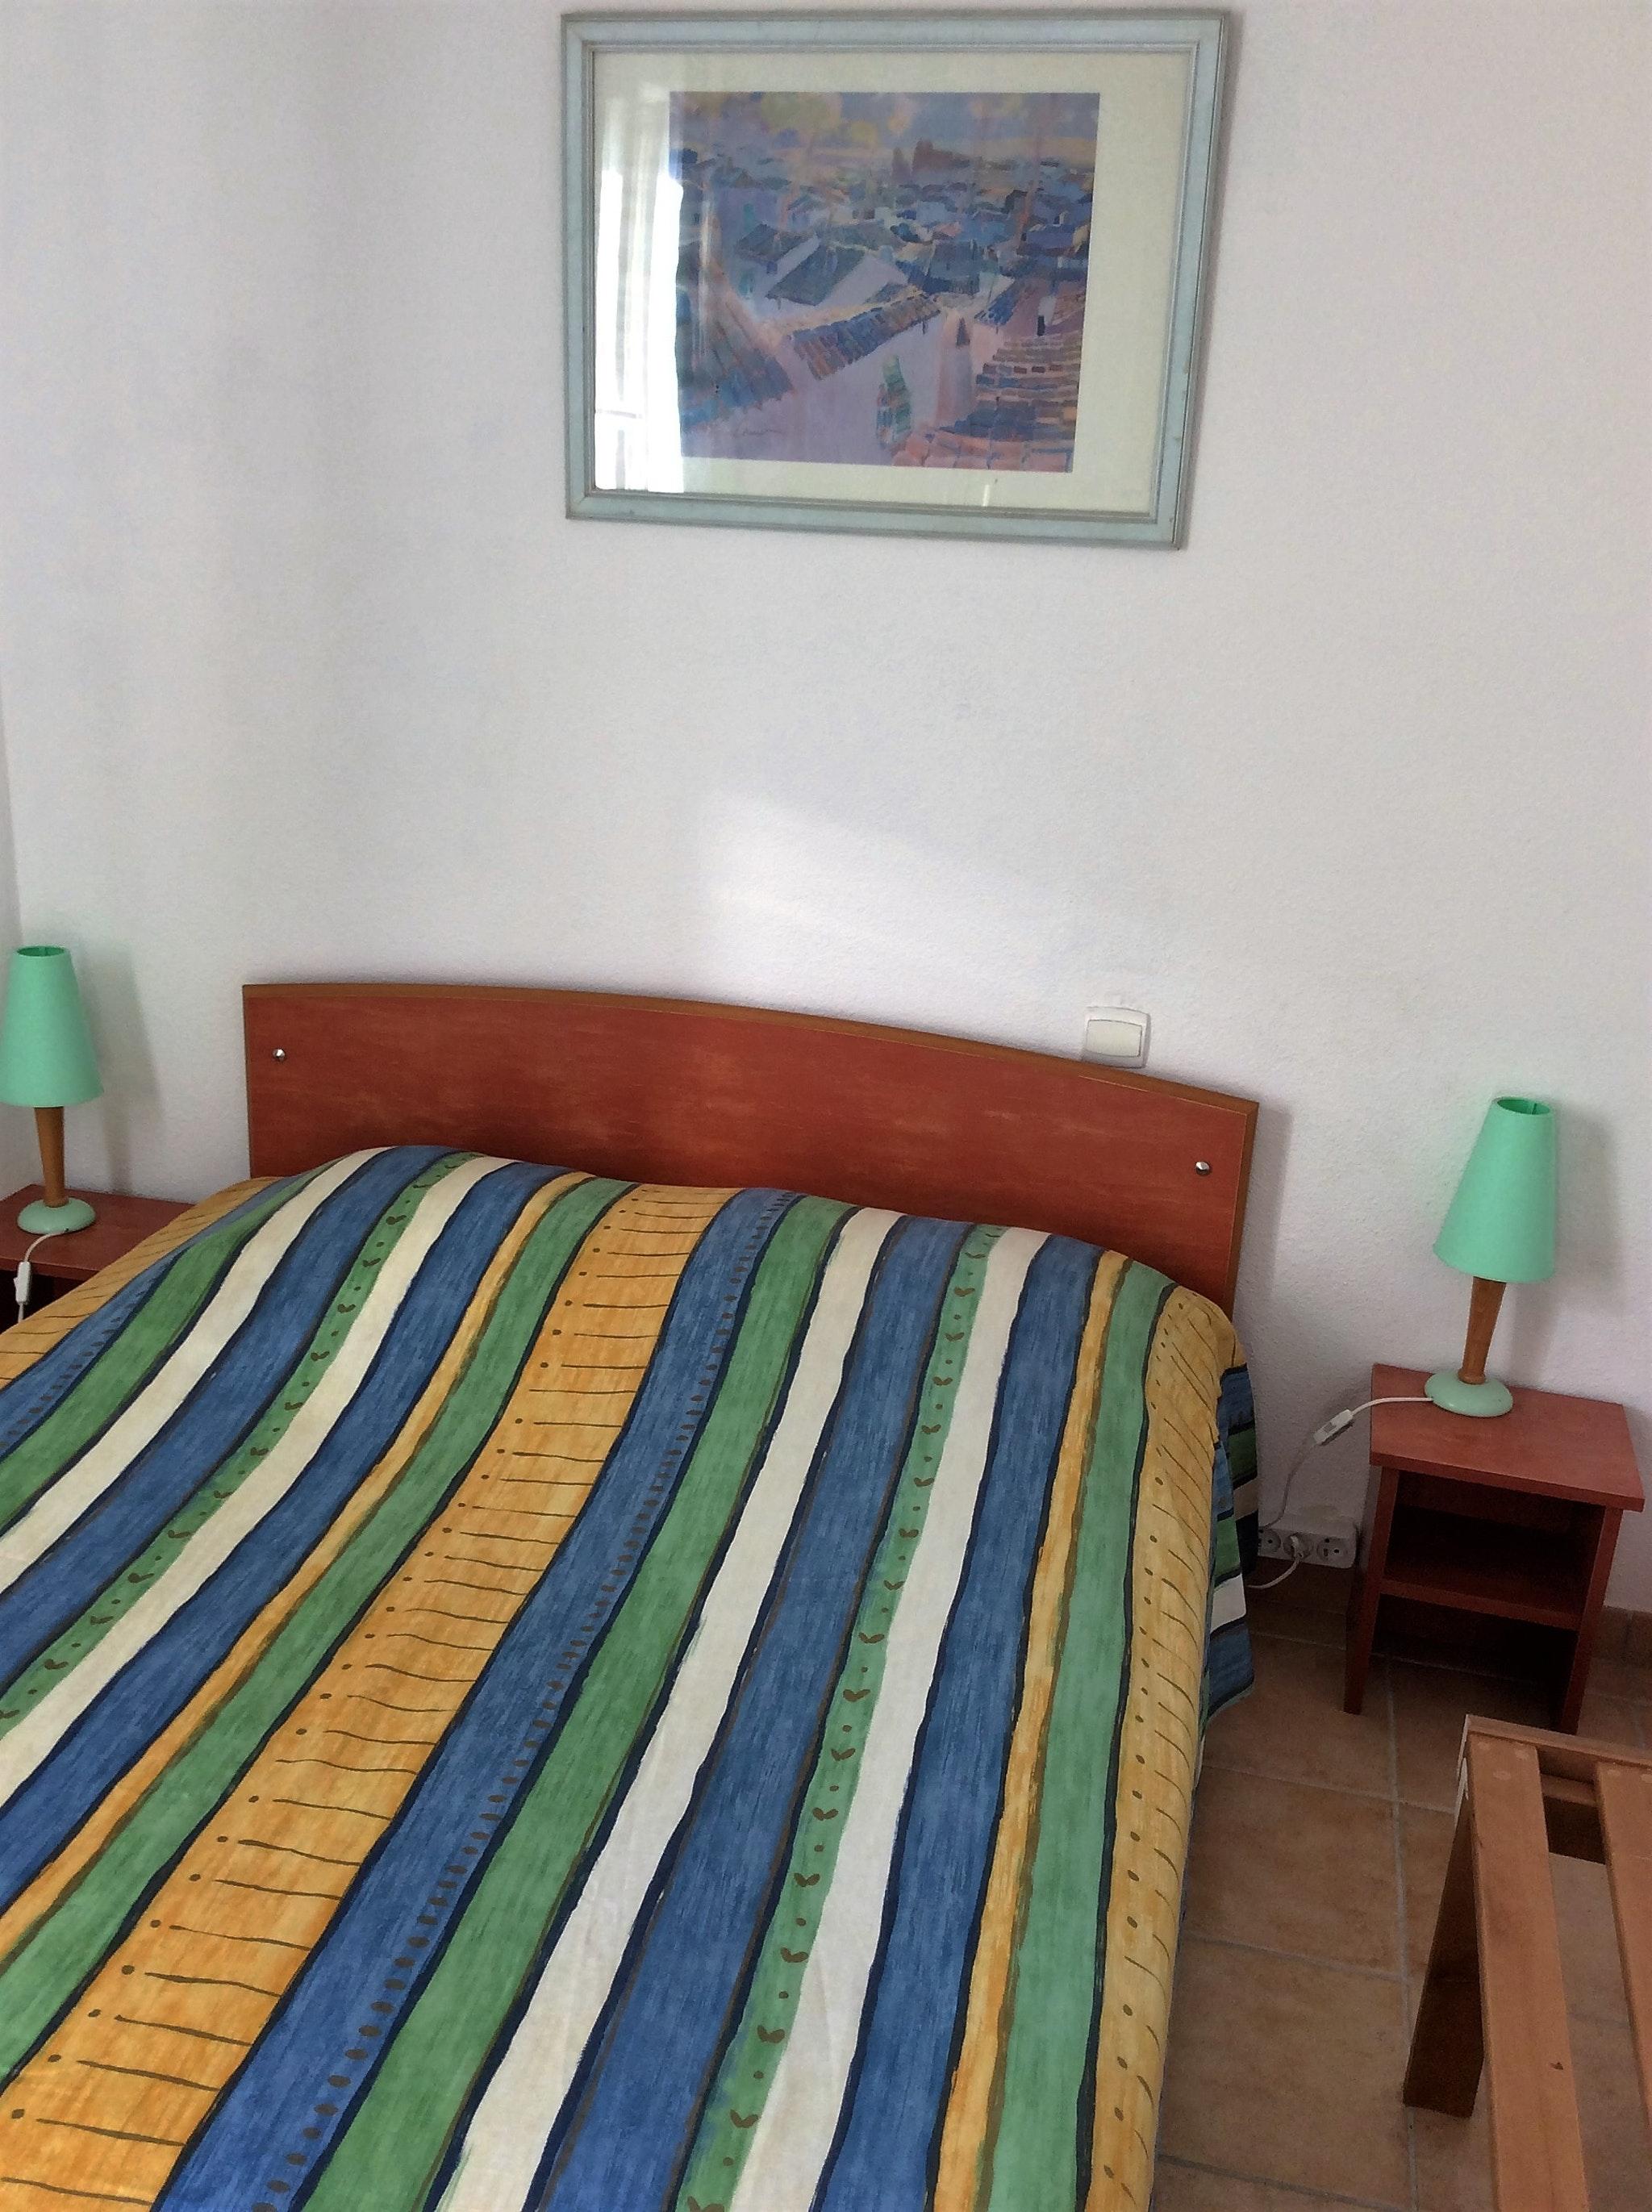 Ferienhaus Villa mit 2 Zimmern in Valras-Plage mit Pool und eingezäuntem Garten - 50 m vom Strand ent (2218190), Valras Plage, Mittelmeerküste Hérault, Languedoc-Roussillon, Frankreich, Bild 10